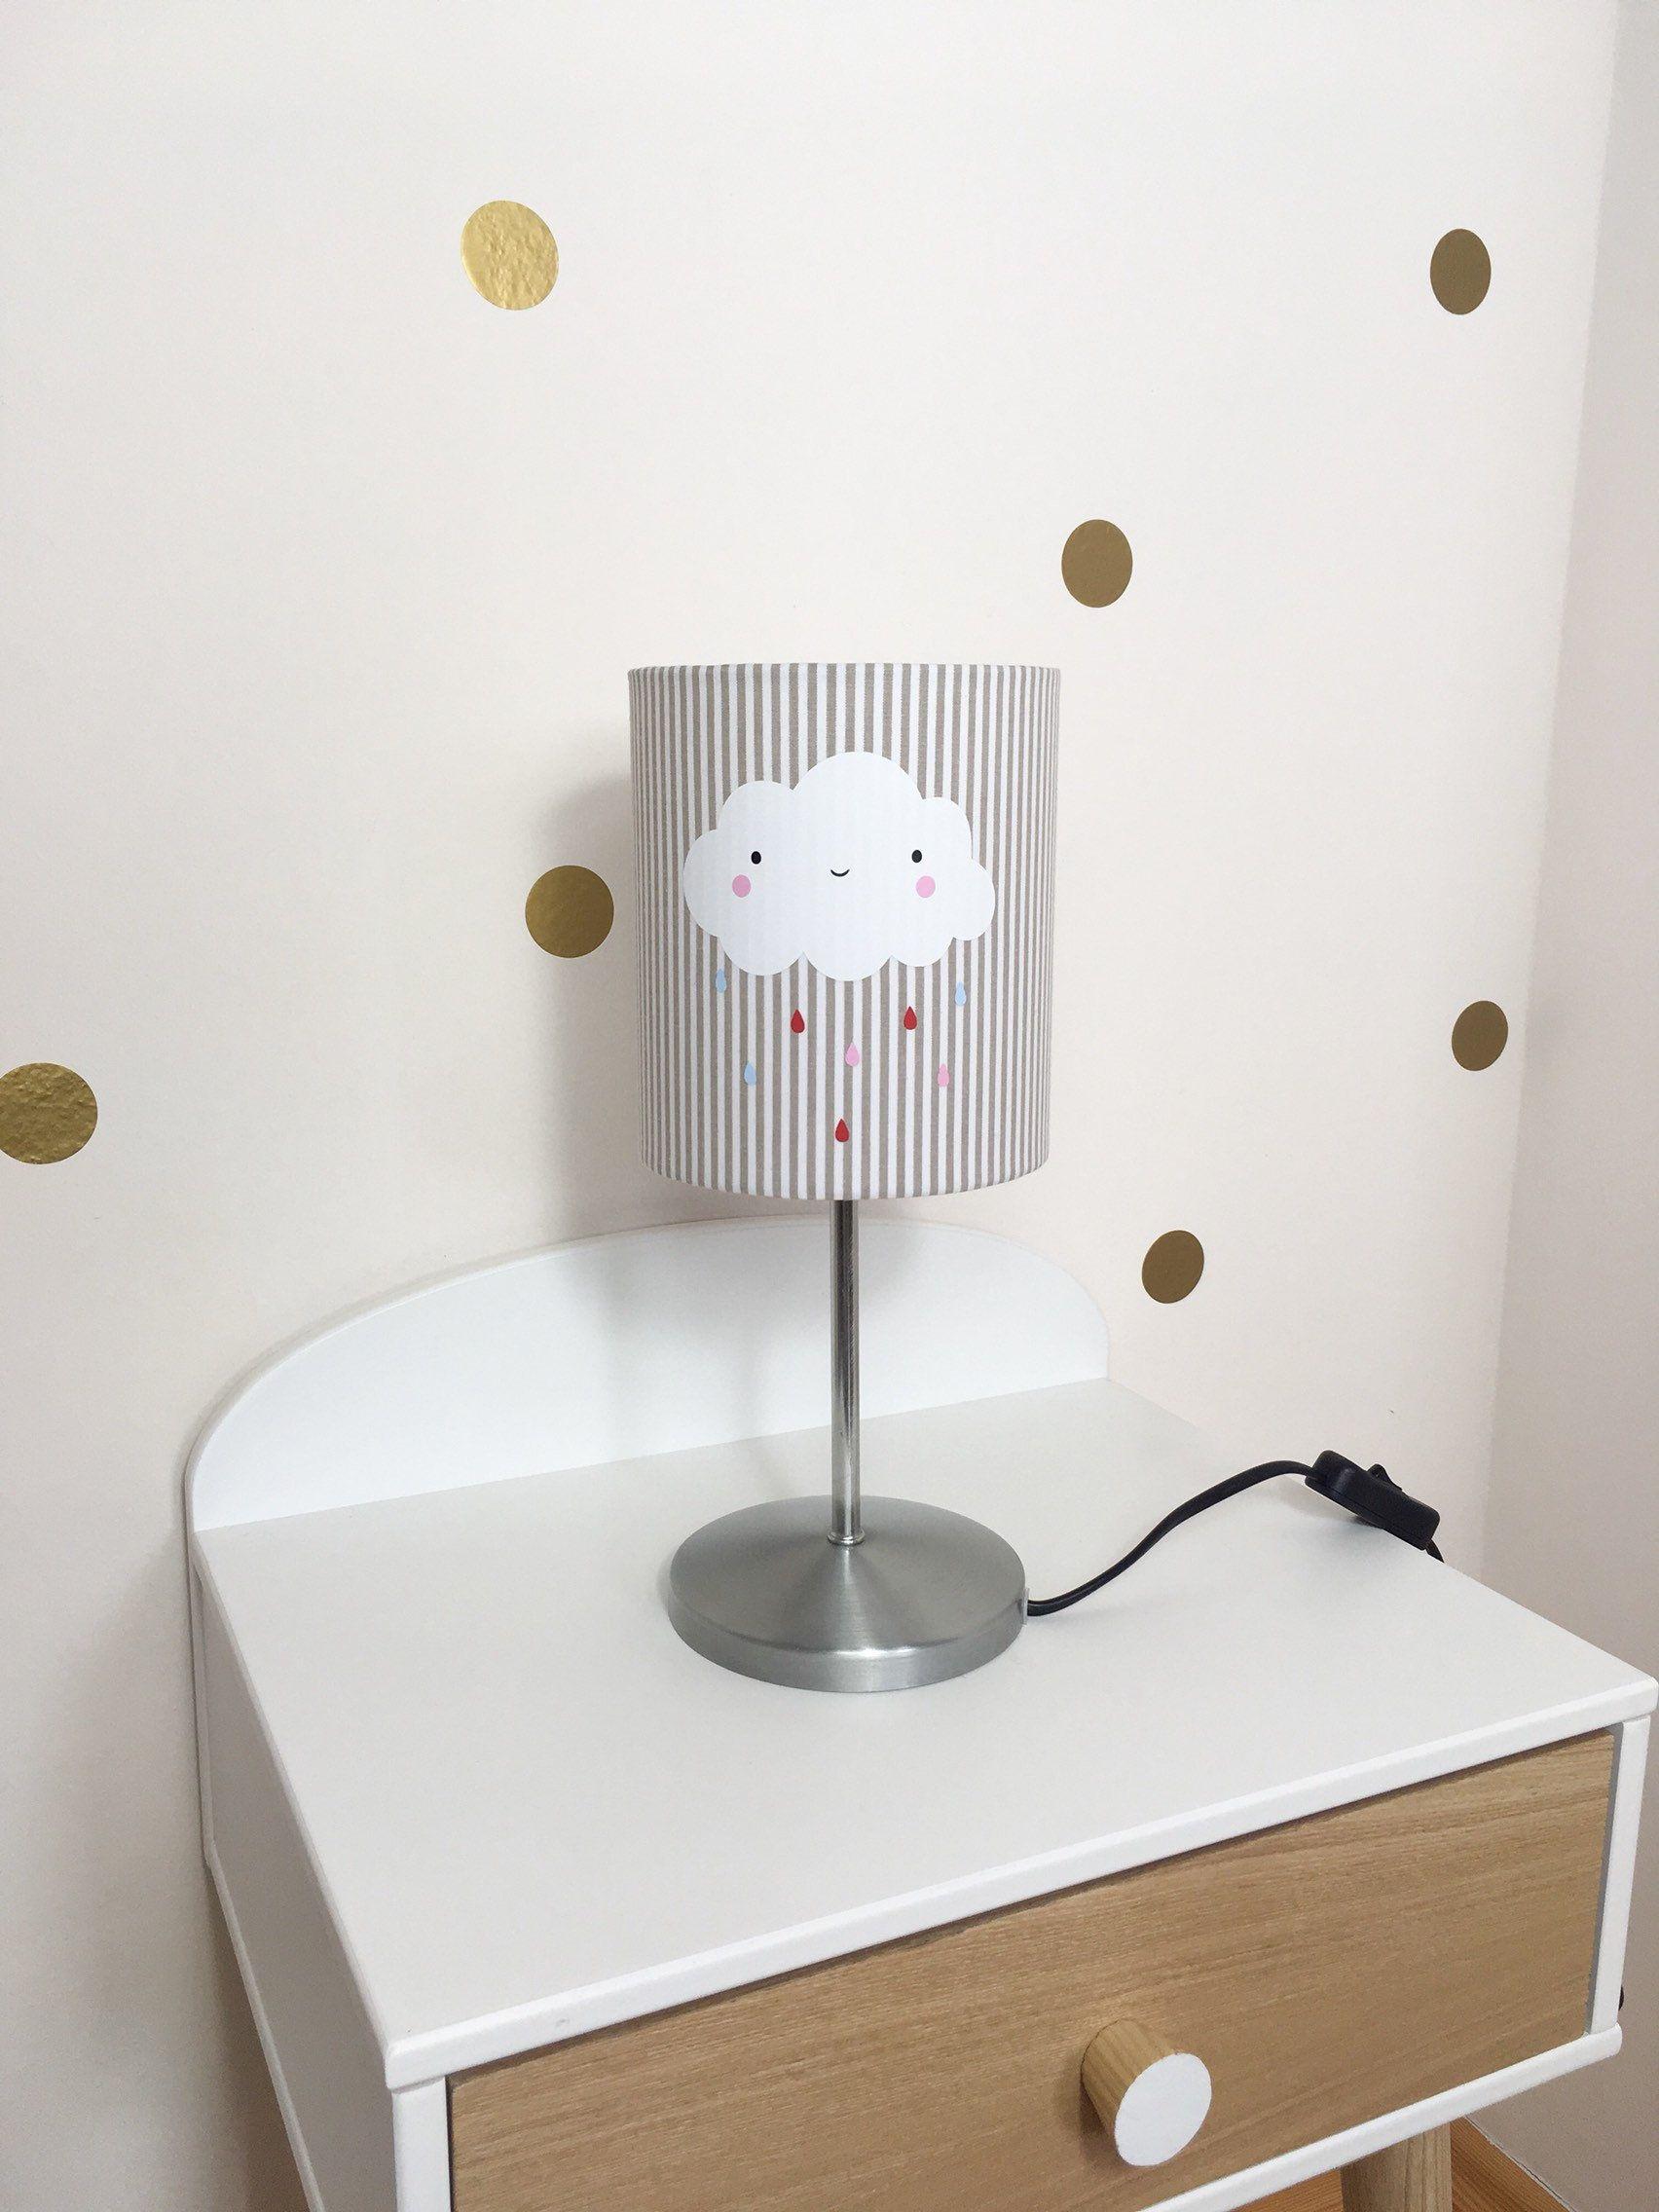 Geschenke Zur Geburt Lampe Fur Kinderzimmer Mit Wolke Tischlampen